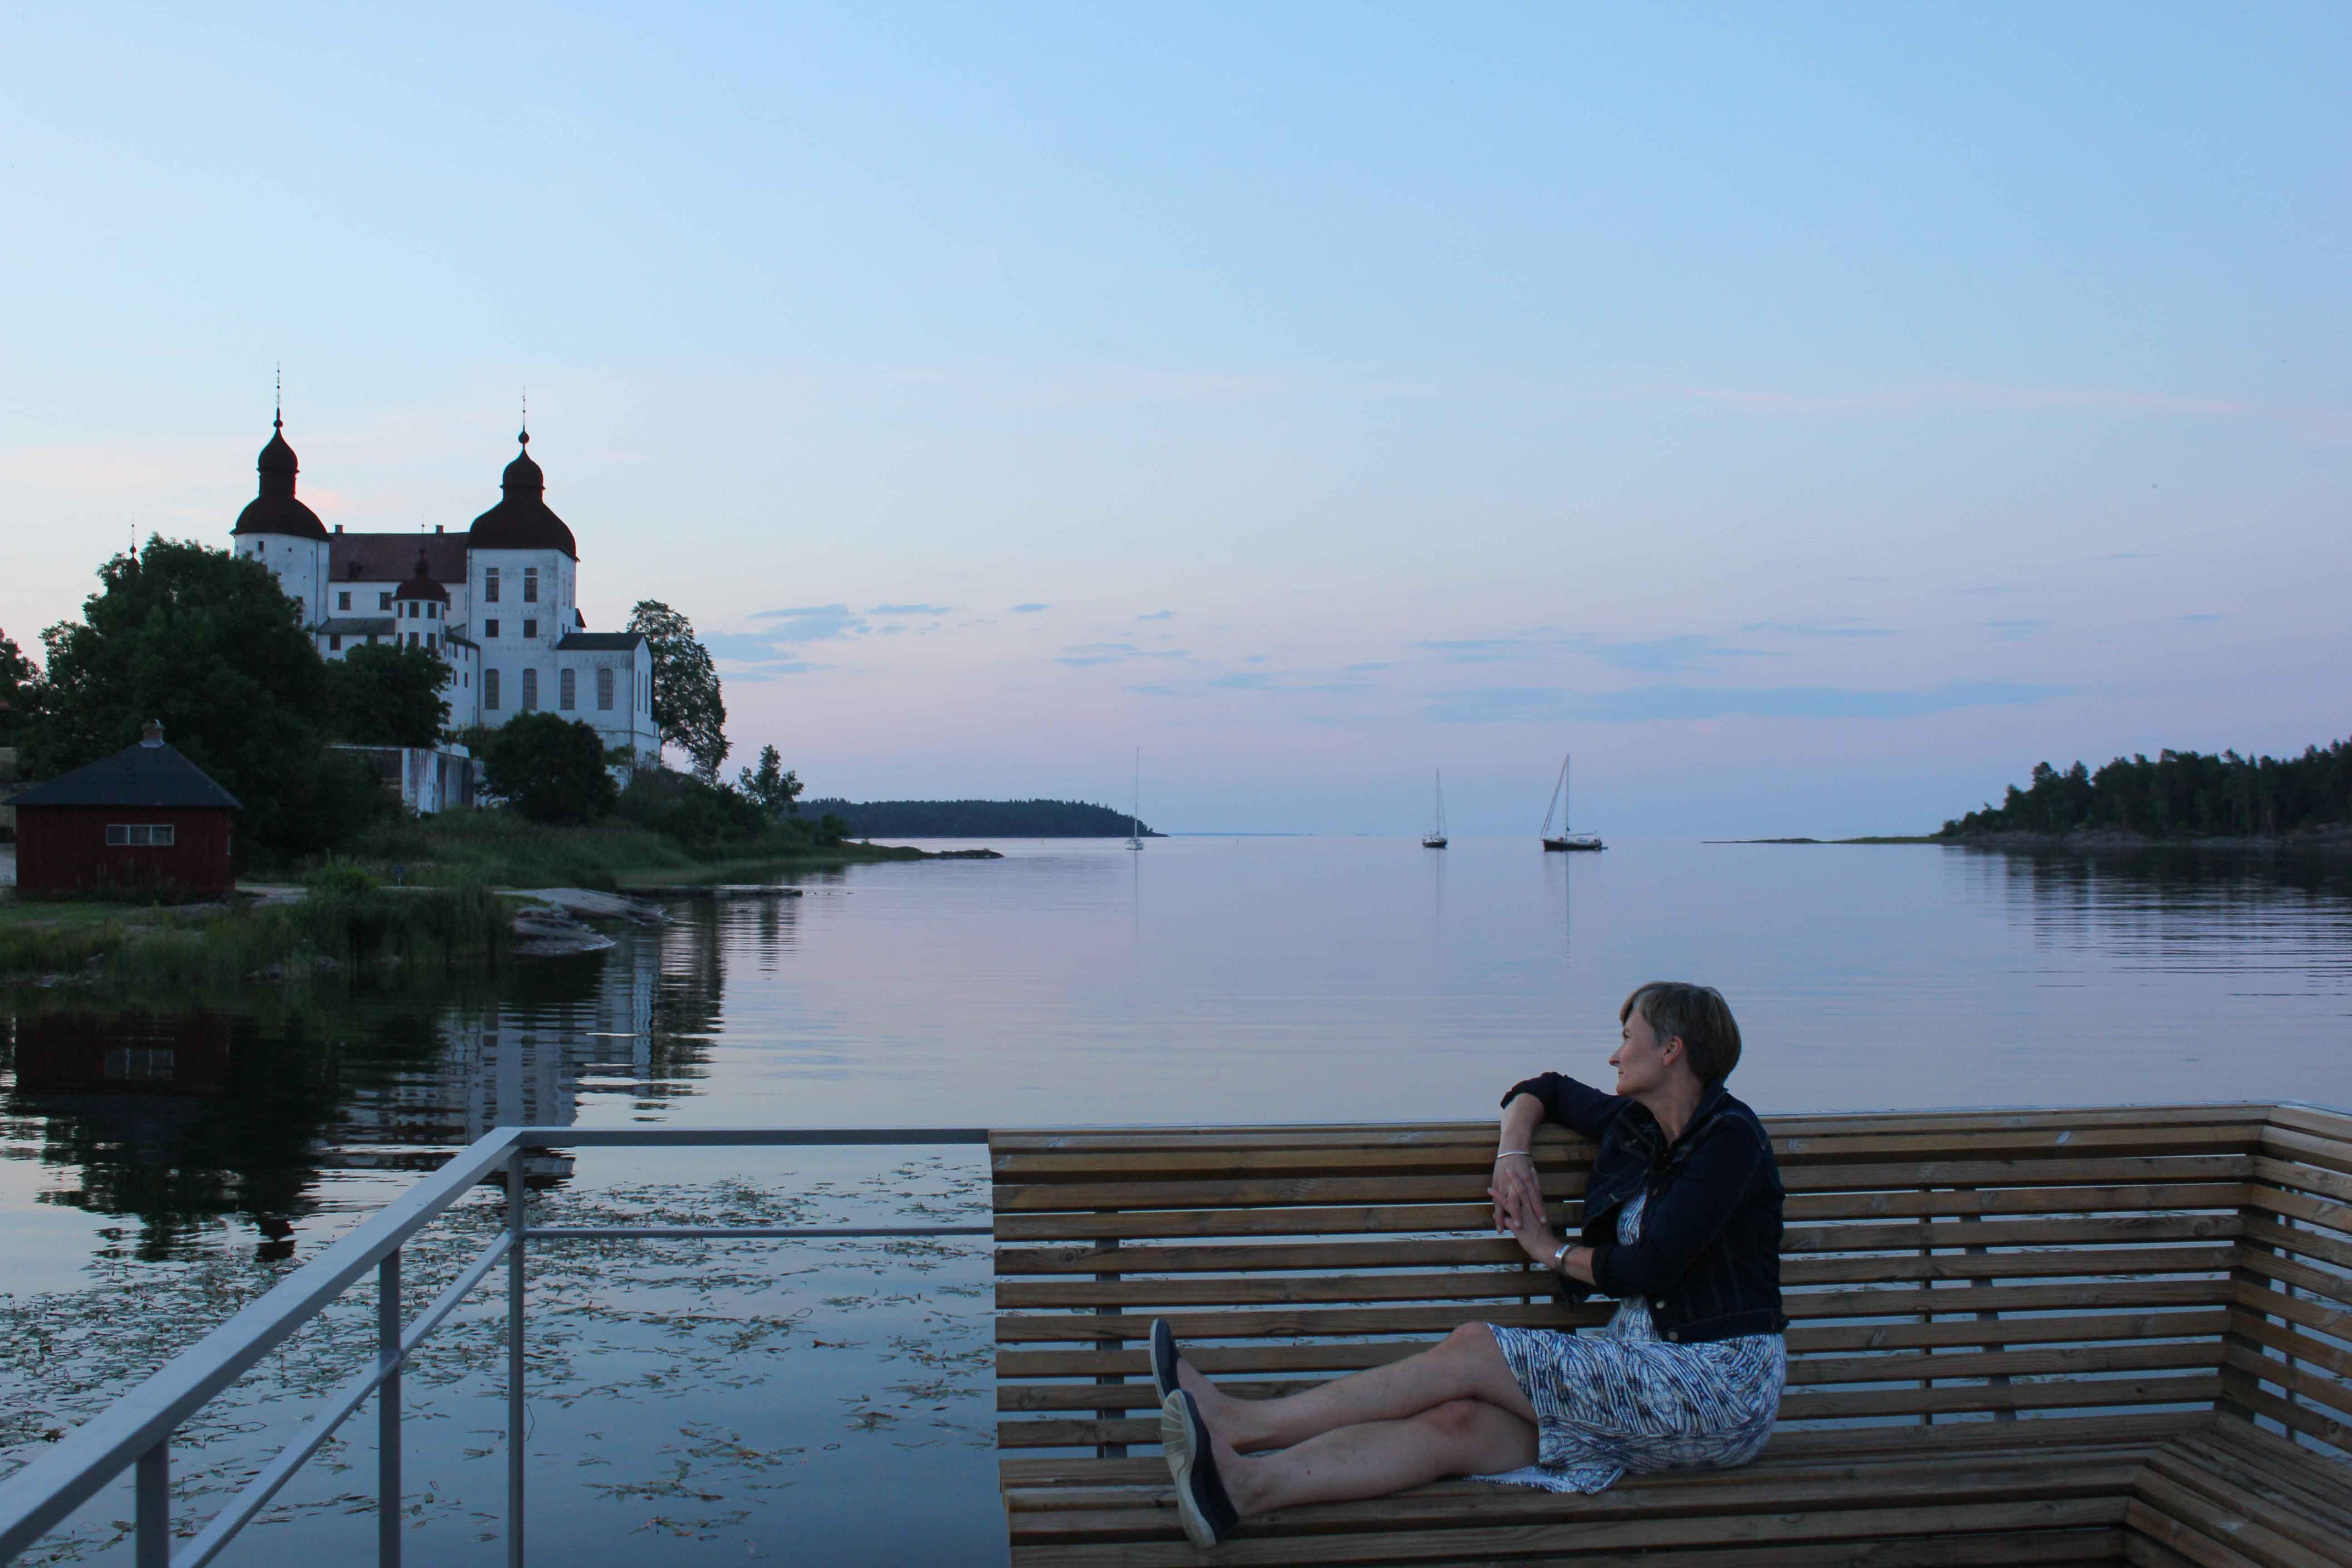 Vi har tatt toget fra Strömstad og har kommet hit, til Läckö Slott ved Vänern.